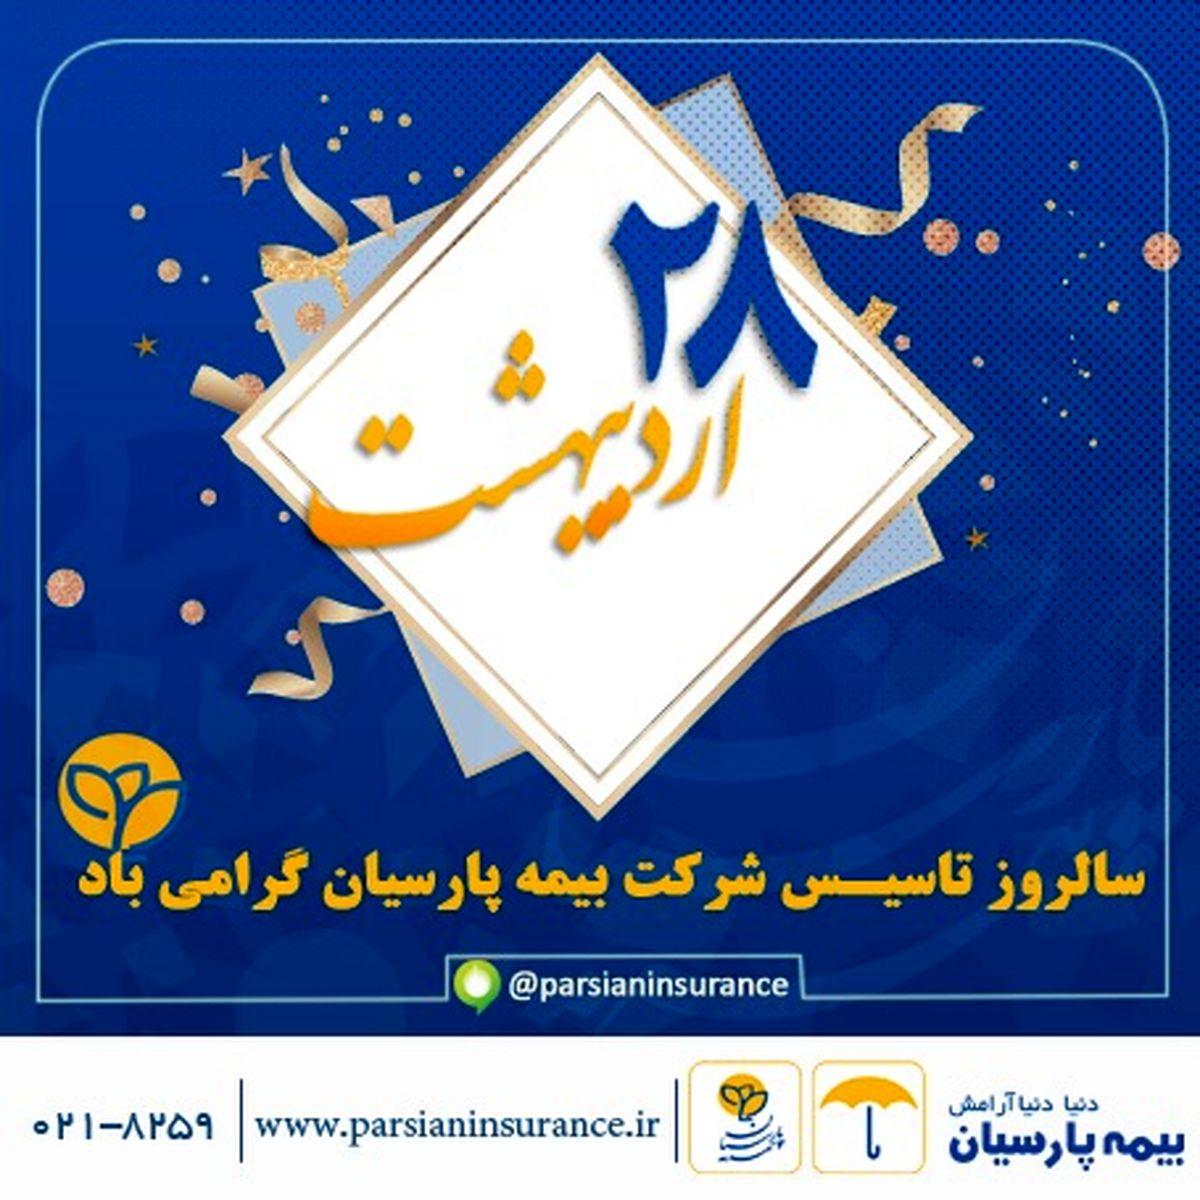 پیام تبریک مدیر عامل بیمه پارسیان به مناسبت سالروز تاسیس این شرکت